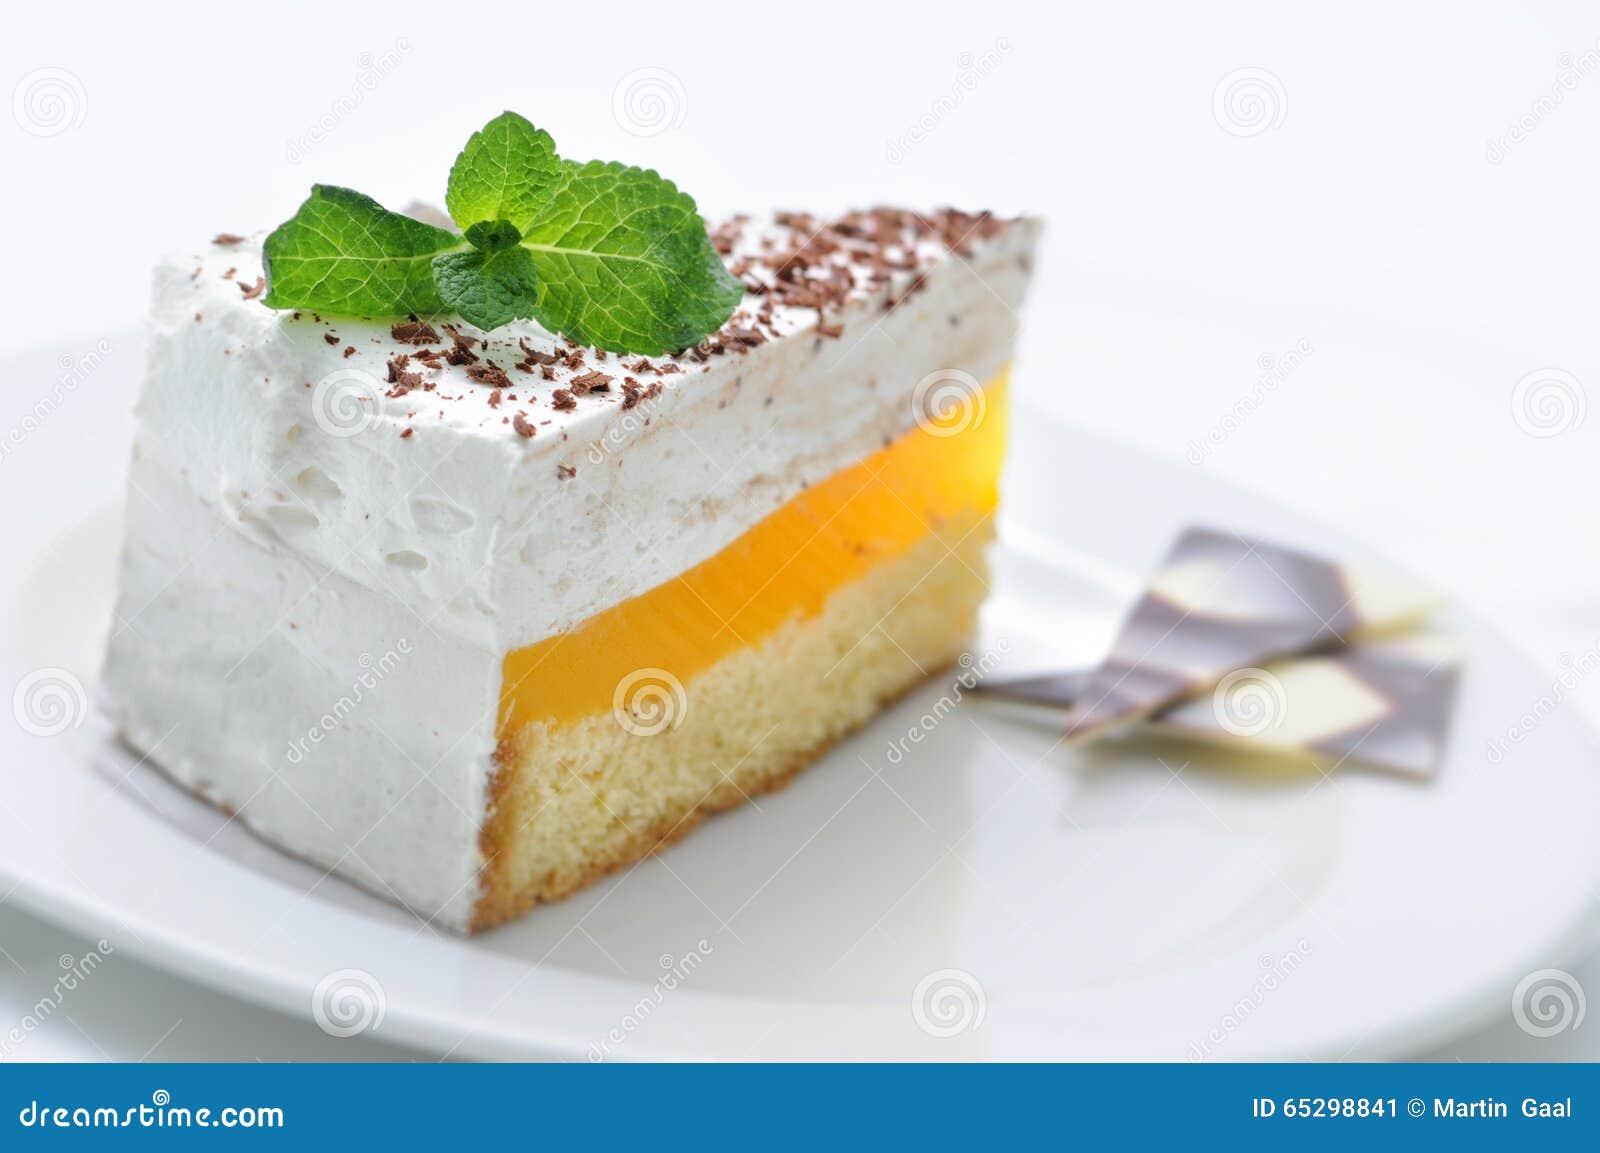 Cream торт на белой плите, сладостном десерте с лист мяты и украшении шоколада, patisserie, сладостном десерте, на-линии фото маг